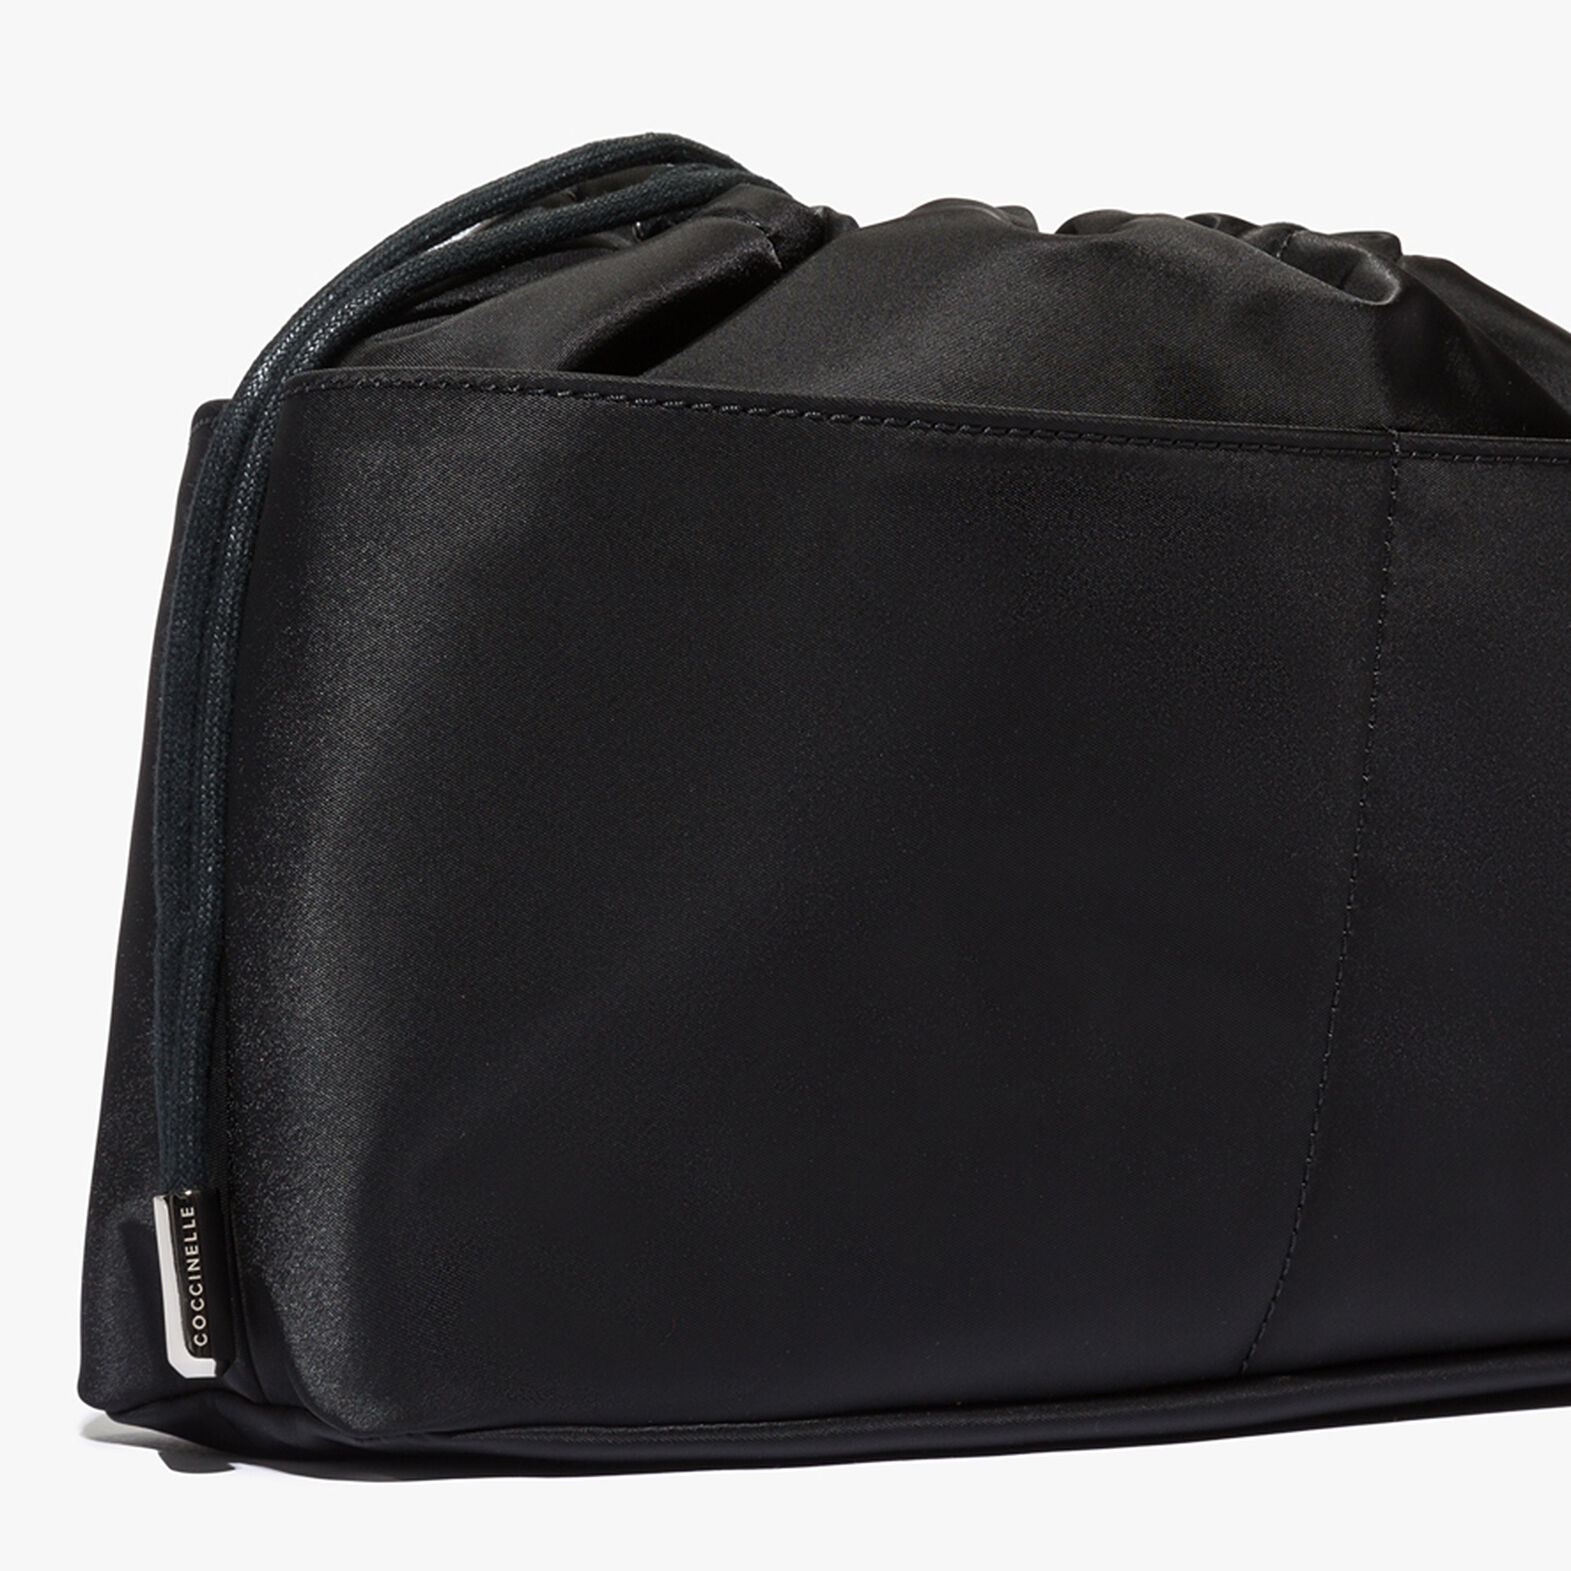 Organizer bag in nylon fabric